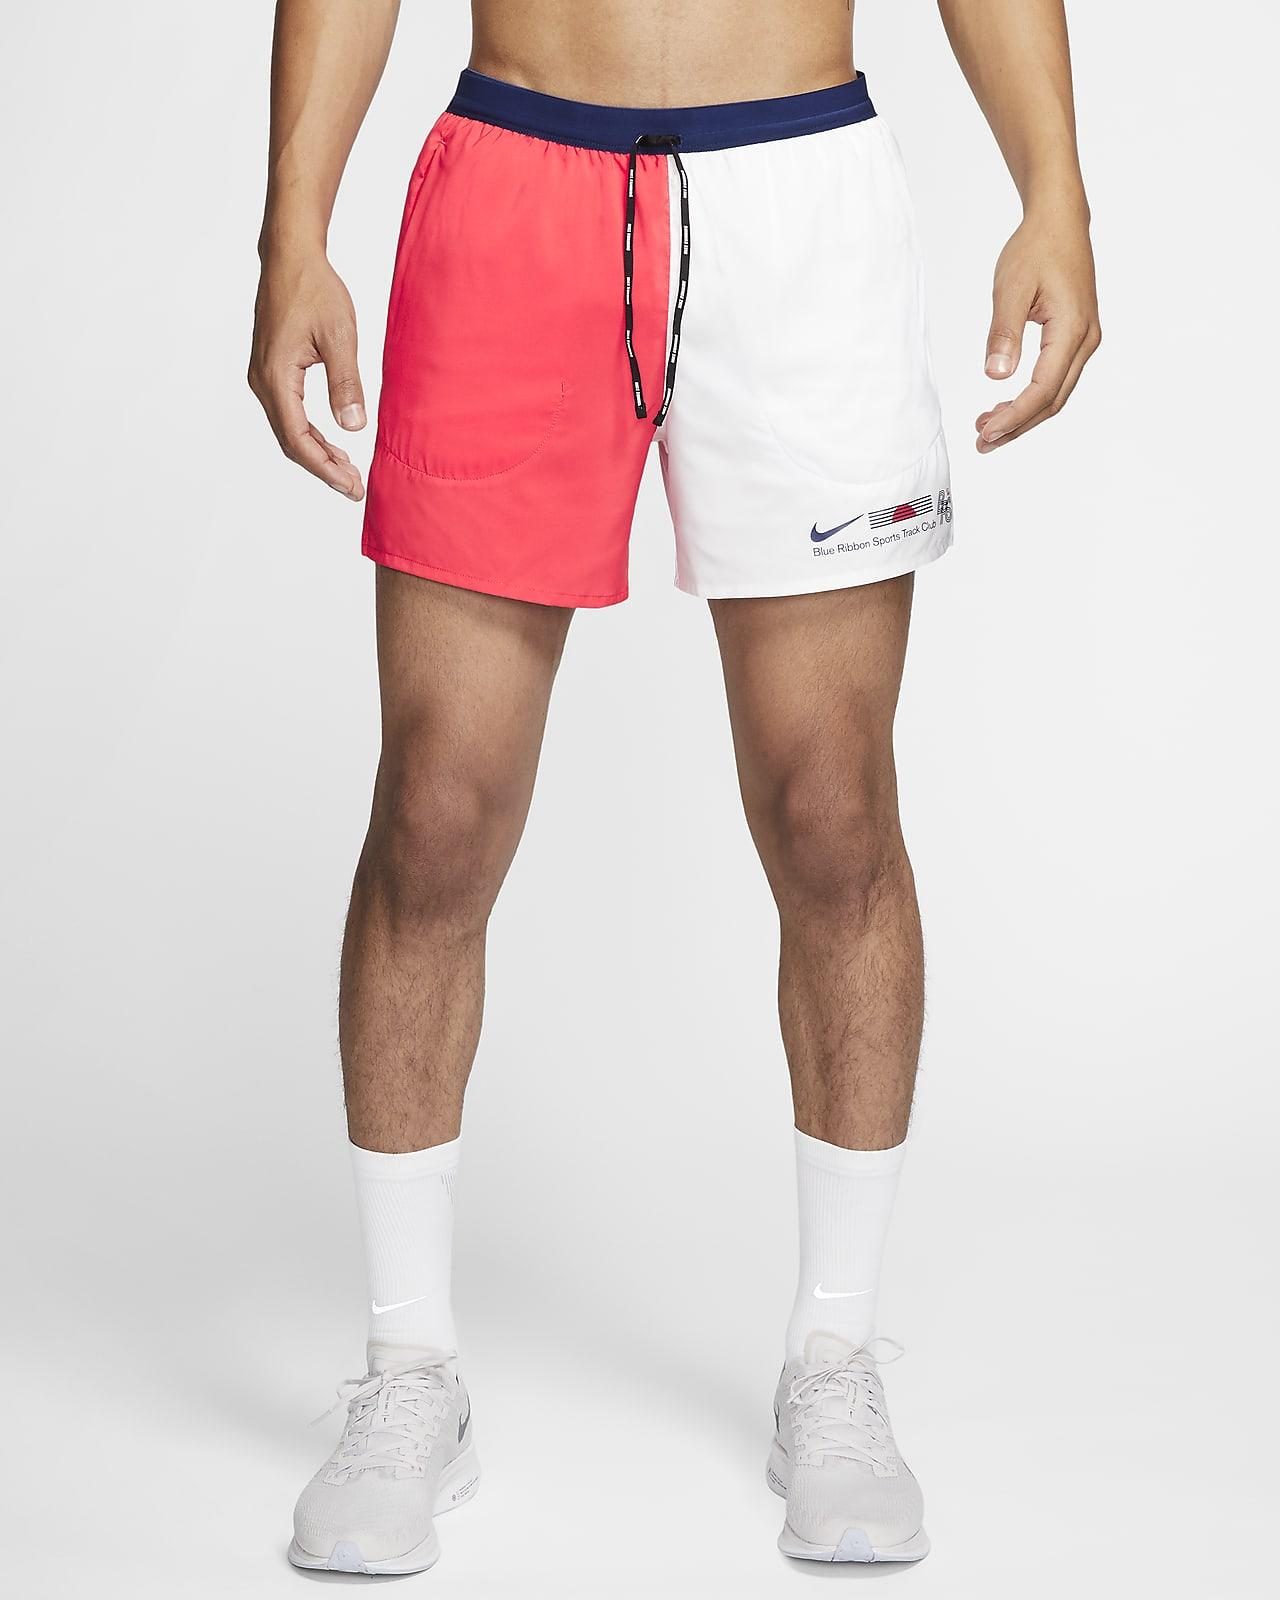 Pánské běžecké kraťasy Nike Flex Stride Blue Ribbon Sports s všitými slipy (délka 13 cm)